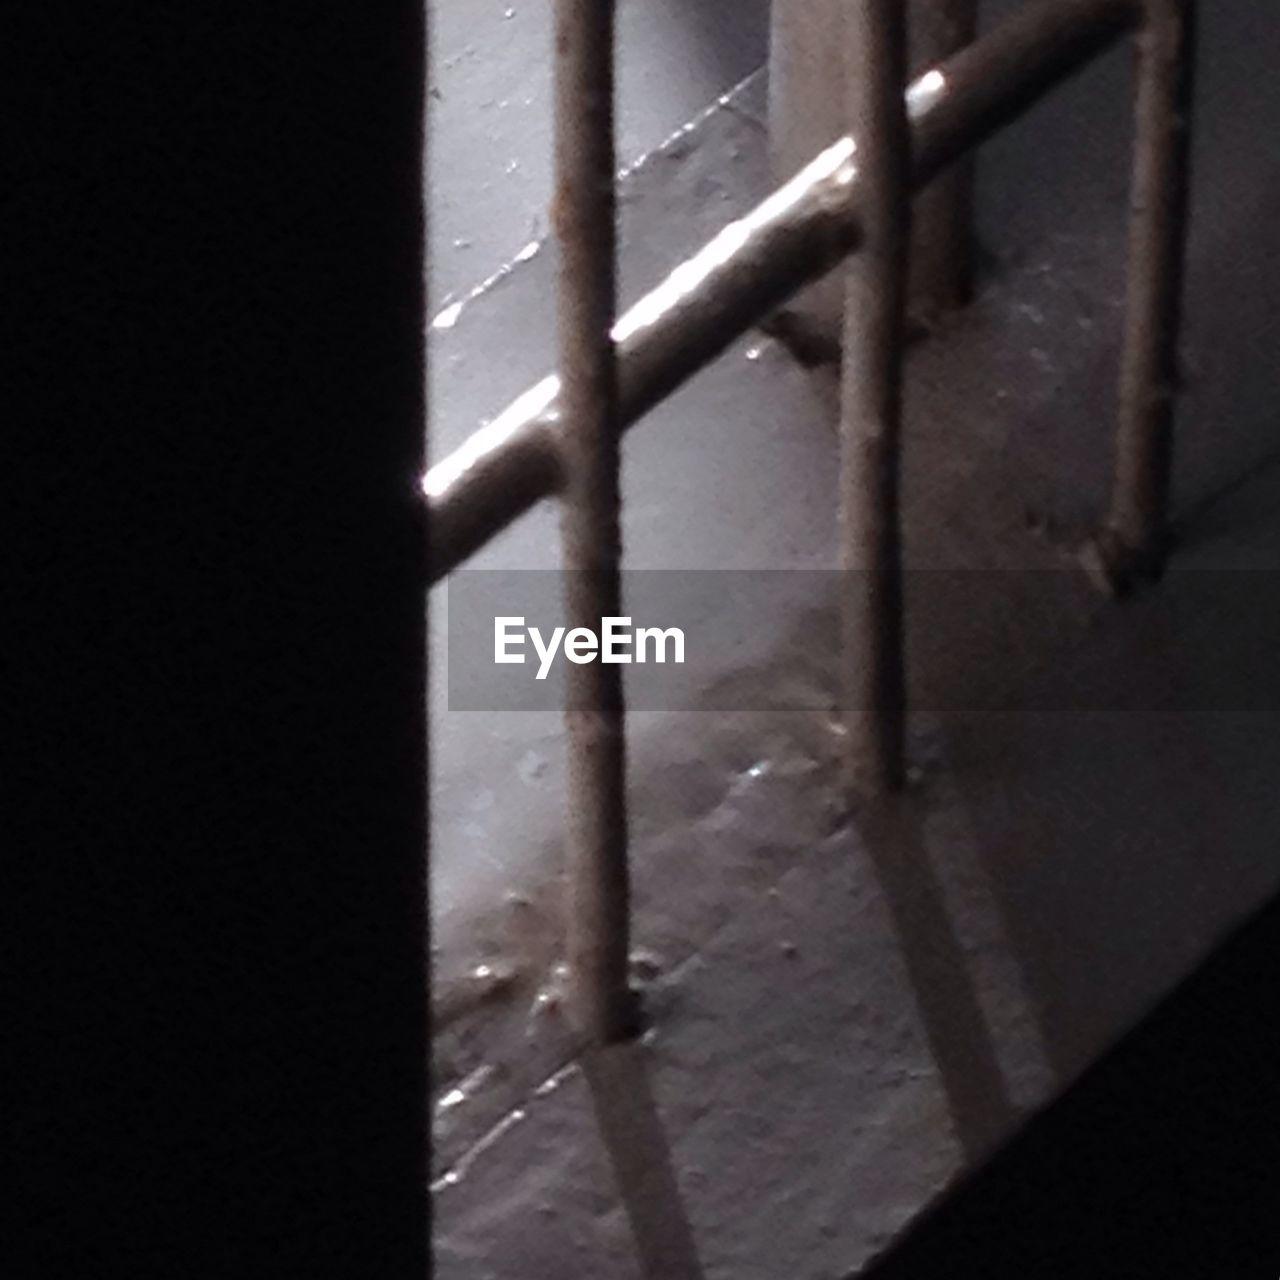 metal, no people, close-up, door, shadow, indoors, sunlight, day, security bar